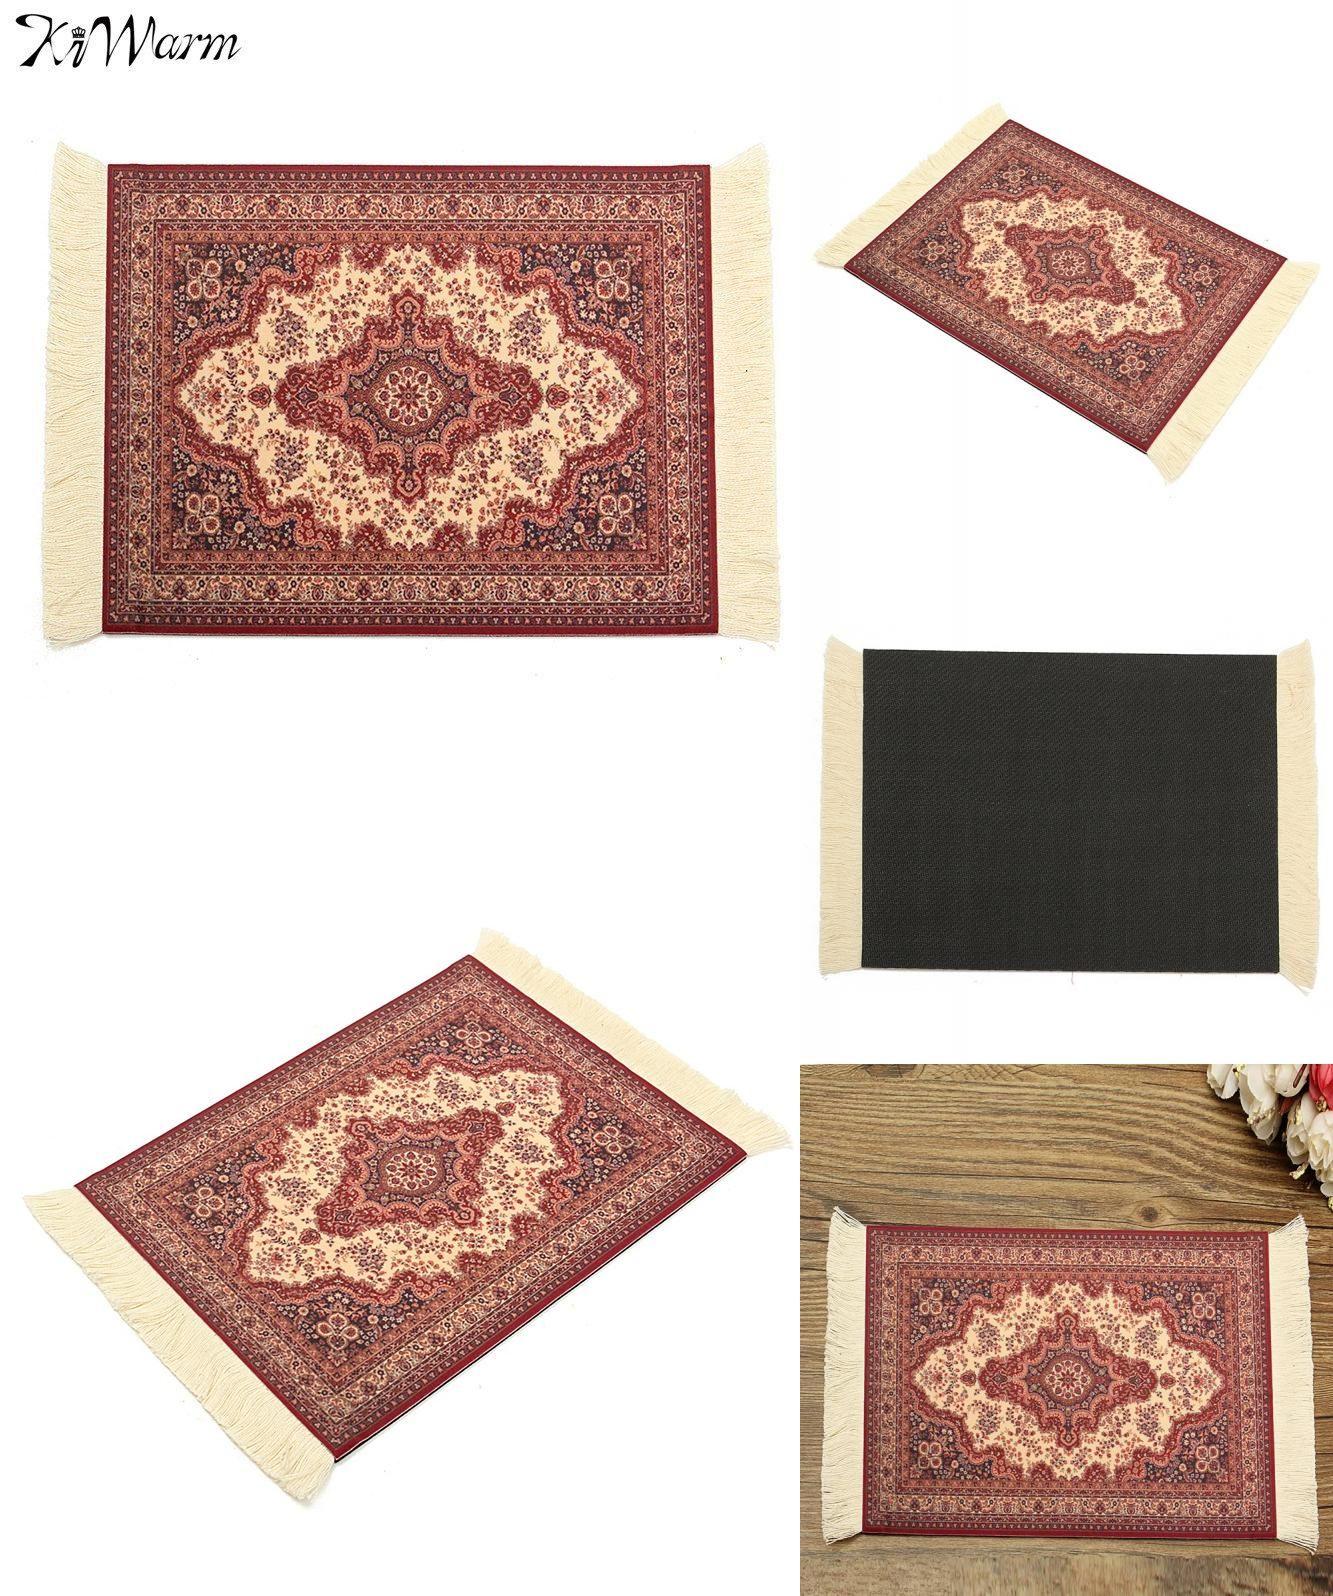 Visit To Buy Kiwarm Cotton Persian Mini Woven Rug Mat Mousepad Retro Style Carpet Pattern Mouse Pad With Fri Style Carpet Patterned Carpet Office Table Decor